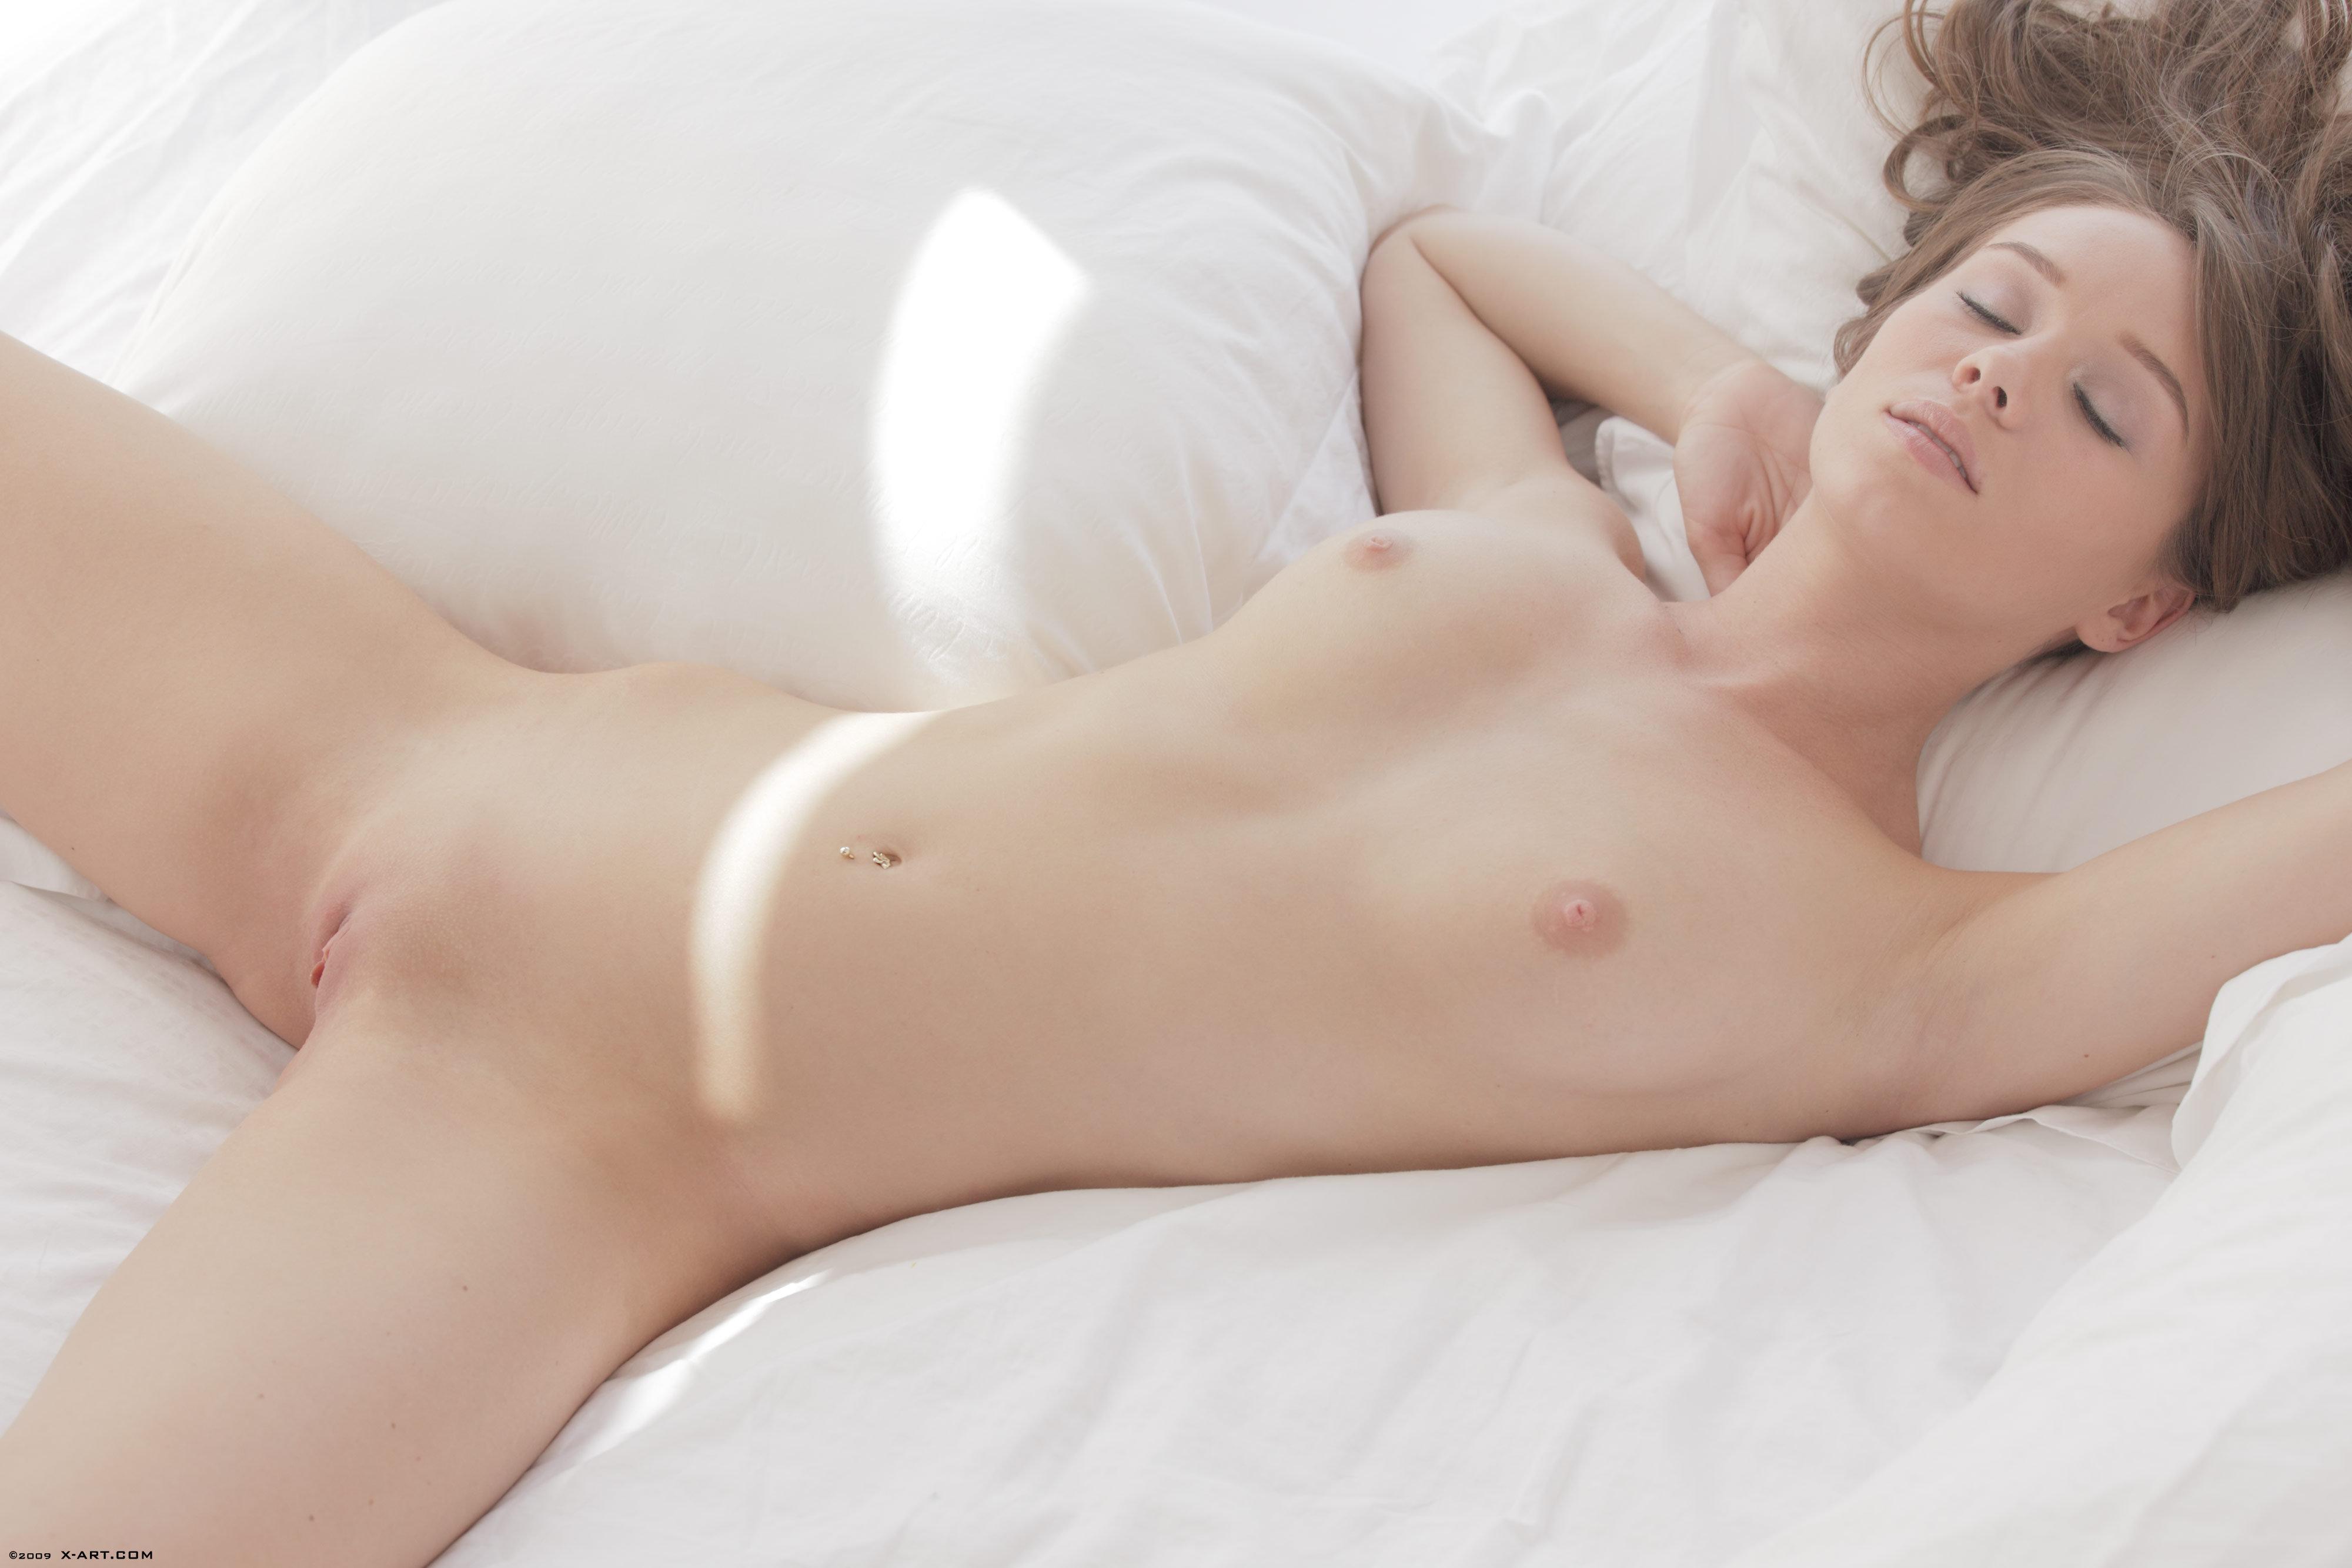 нежное порно 17